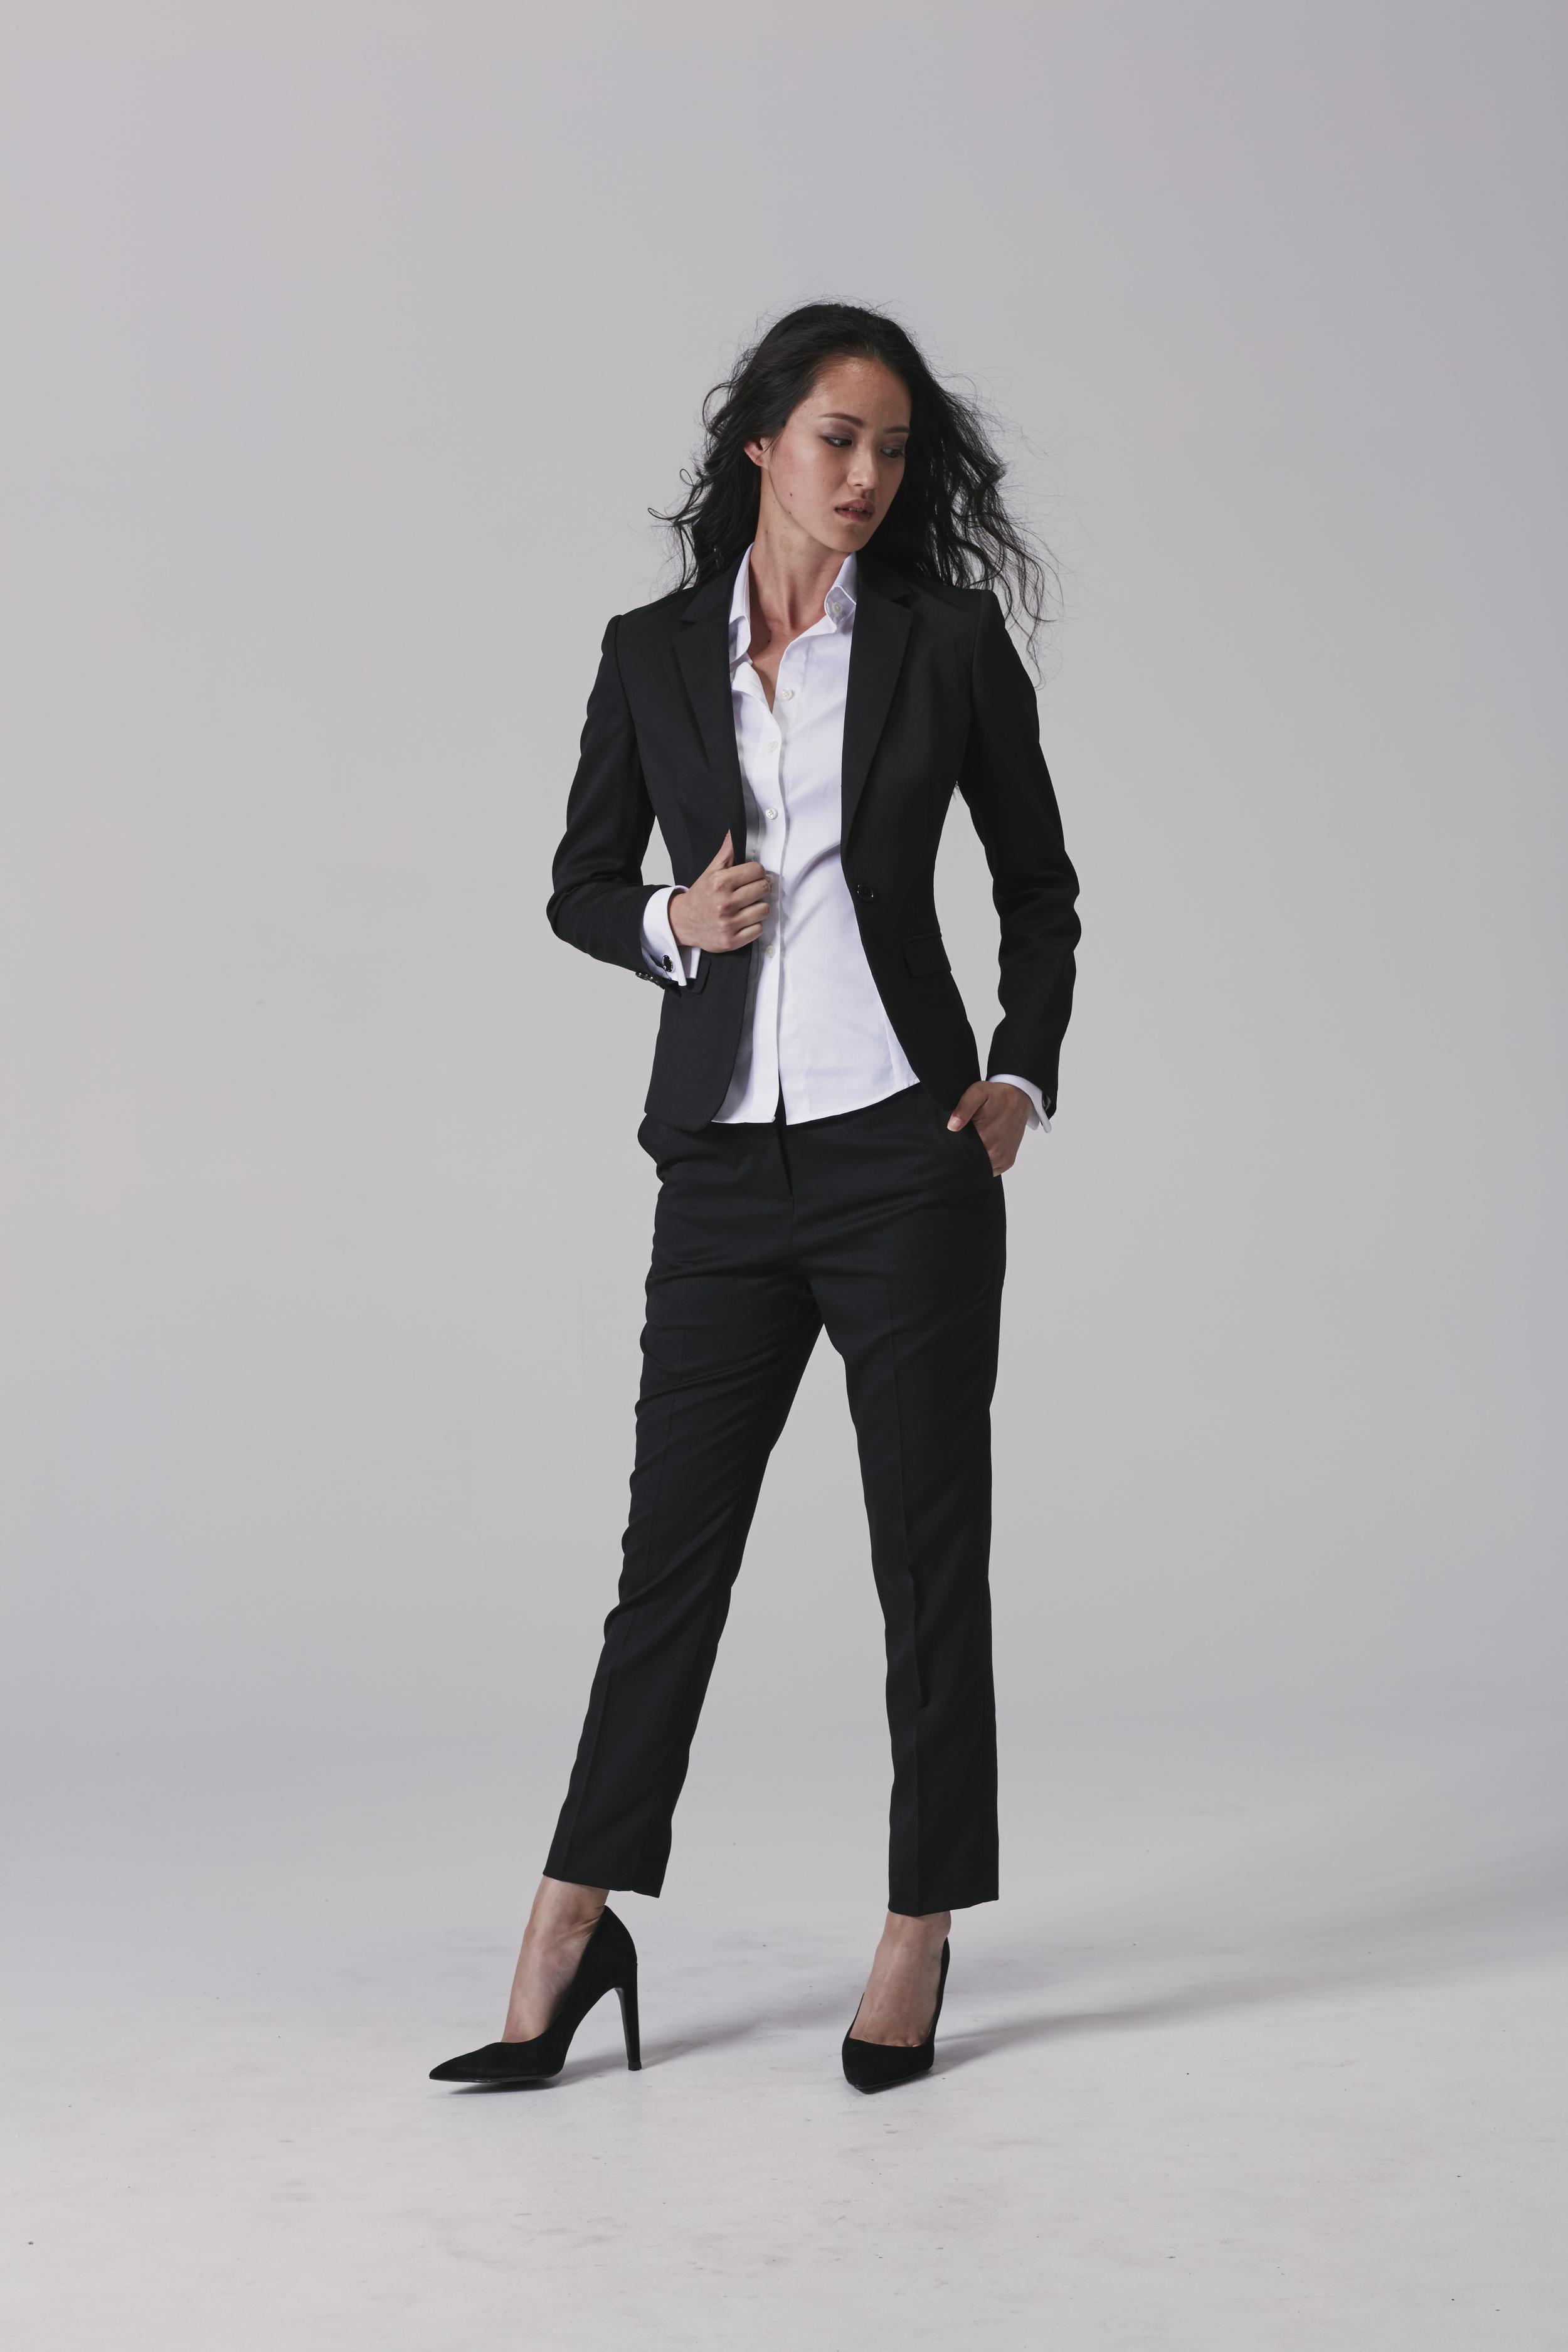 Womens business shirt Womens business pants Womens business jacket.jpg